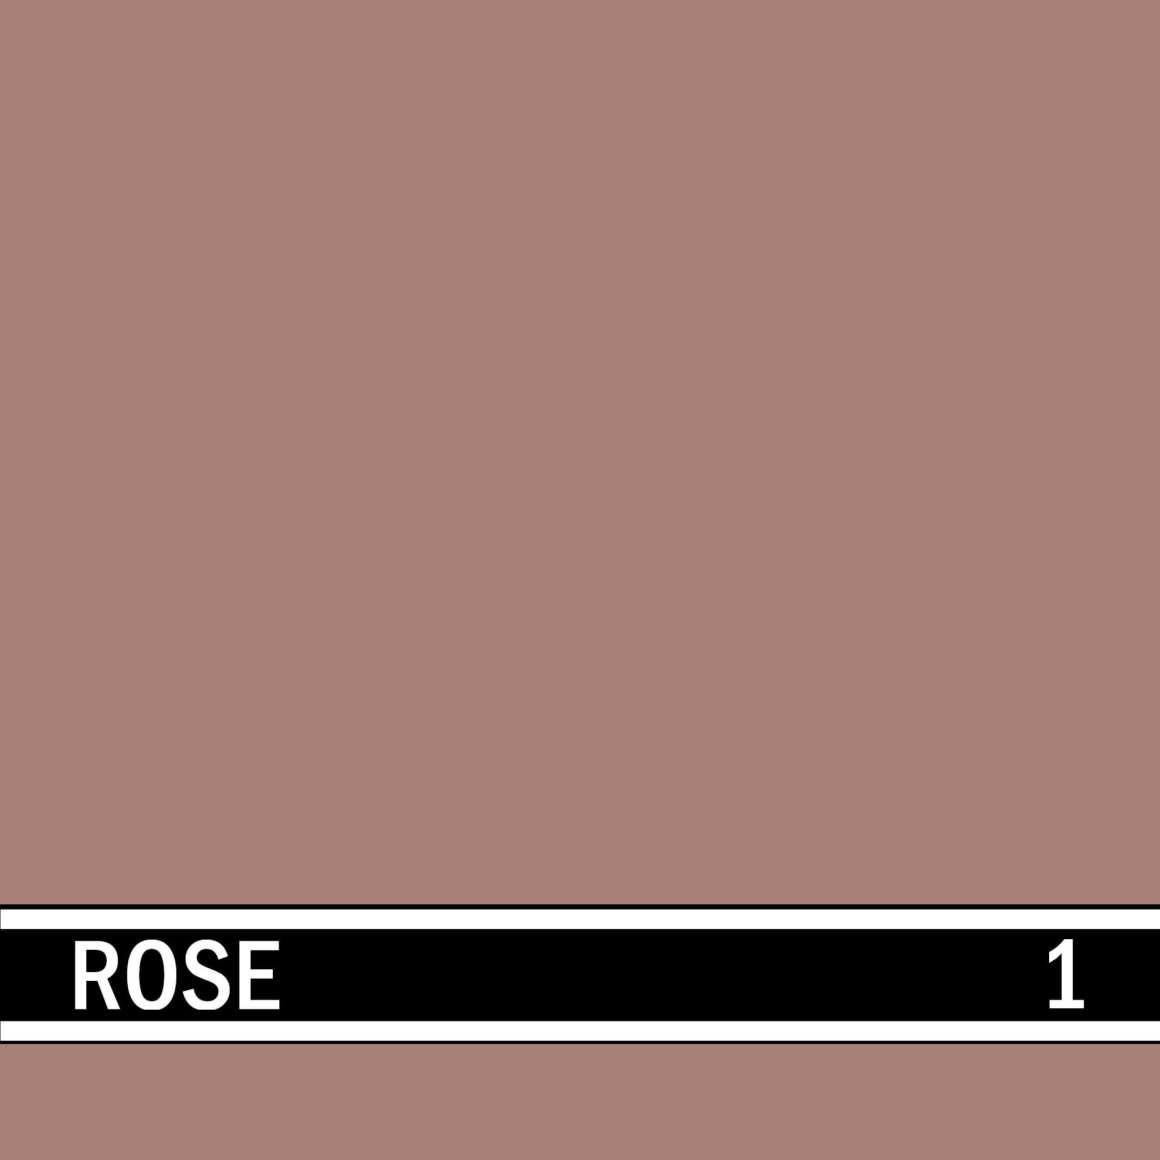 Rose integral concrete color for stamped concrete and decorative colored concrete